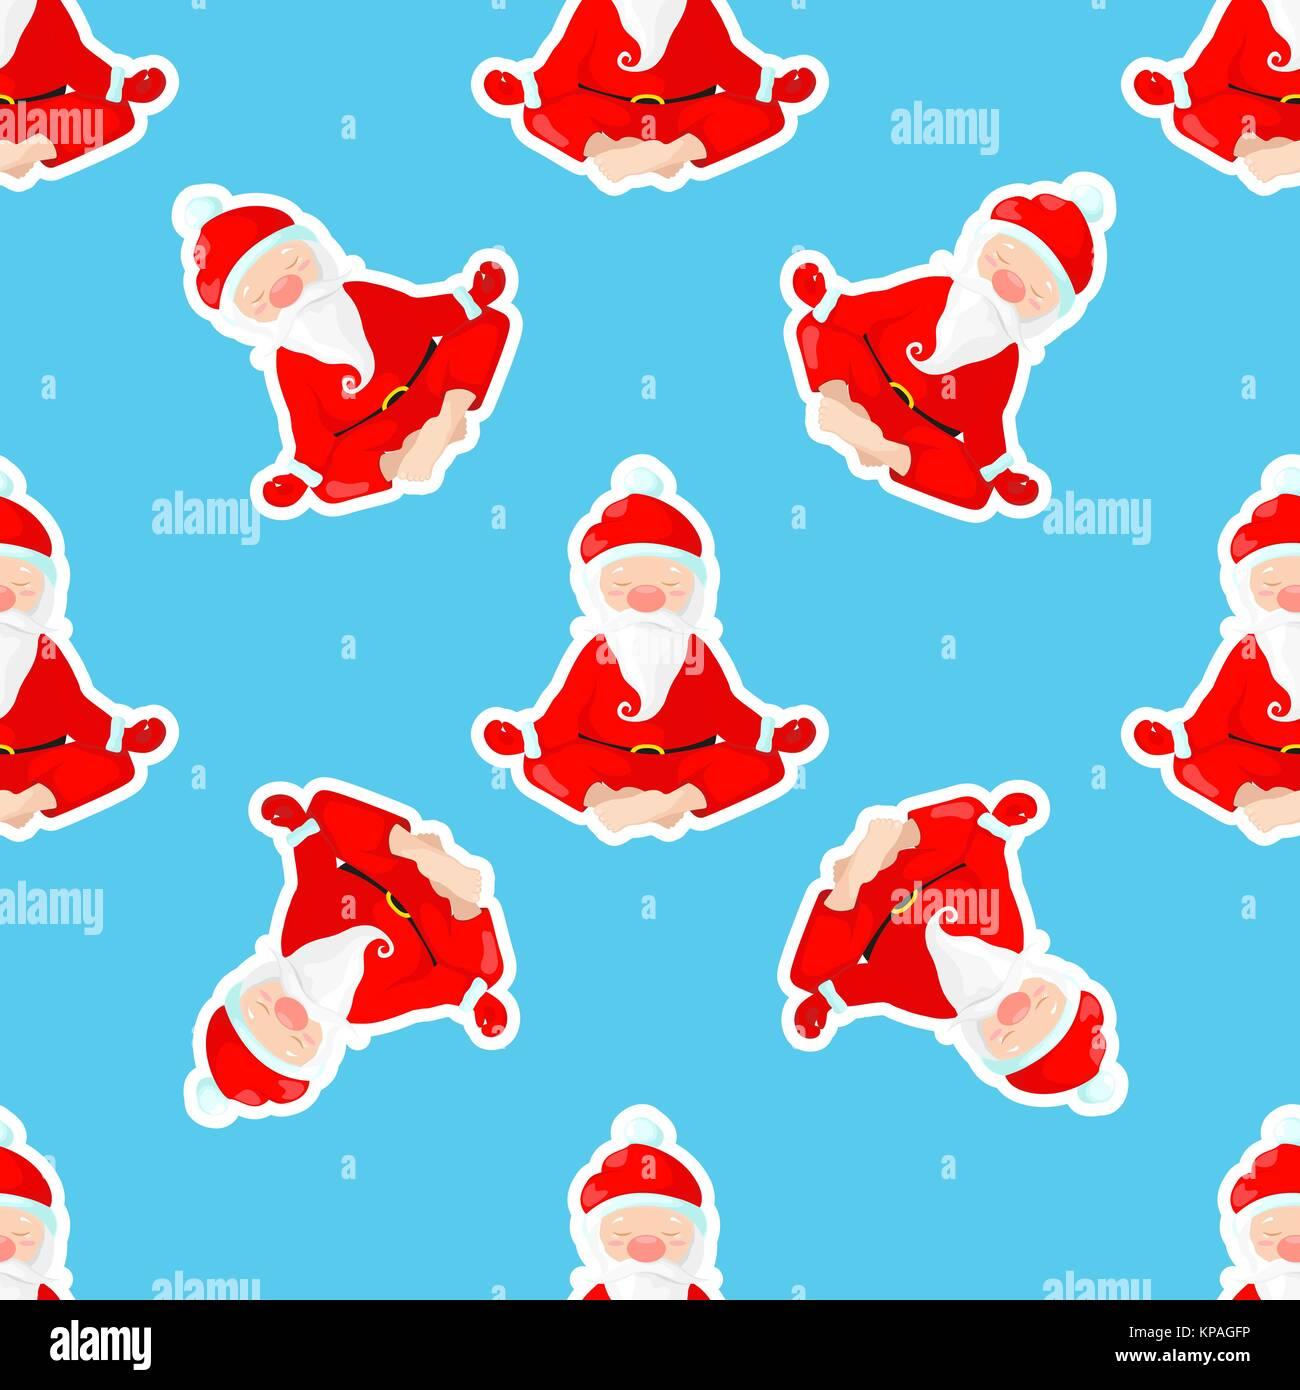 Posizione Babbo Natale.Santa Claus Si Siede Nella Posizione Del Loto Babbo Natale E